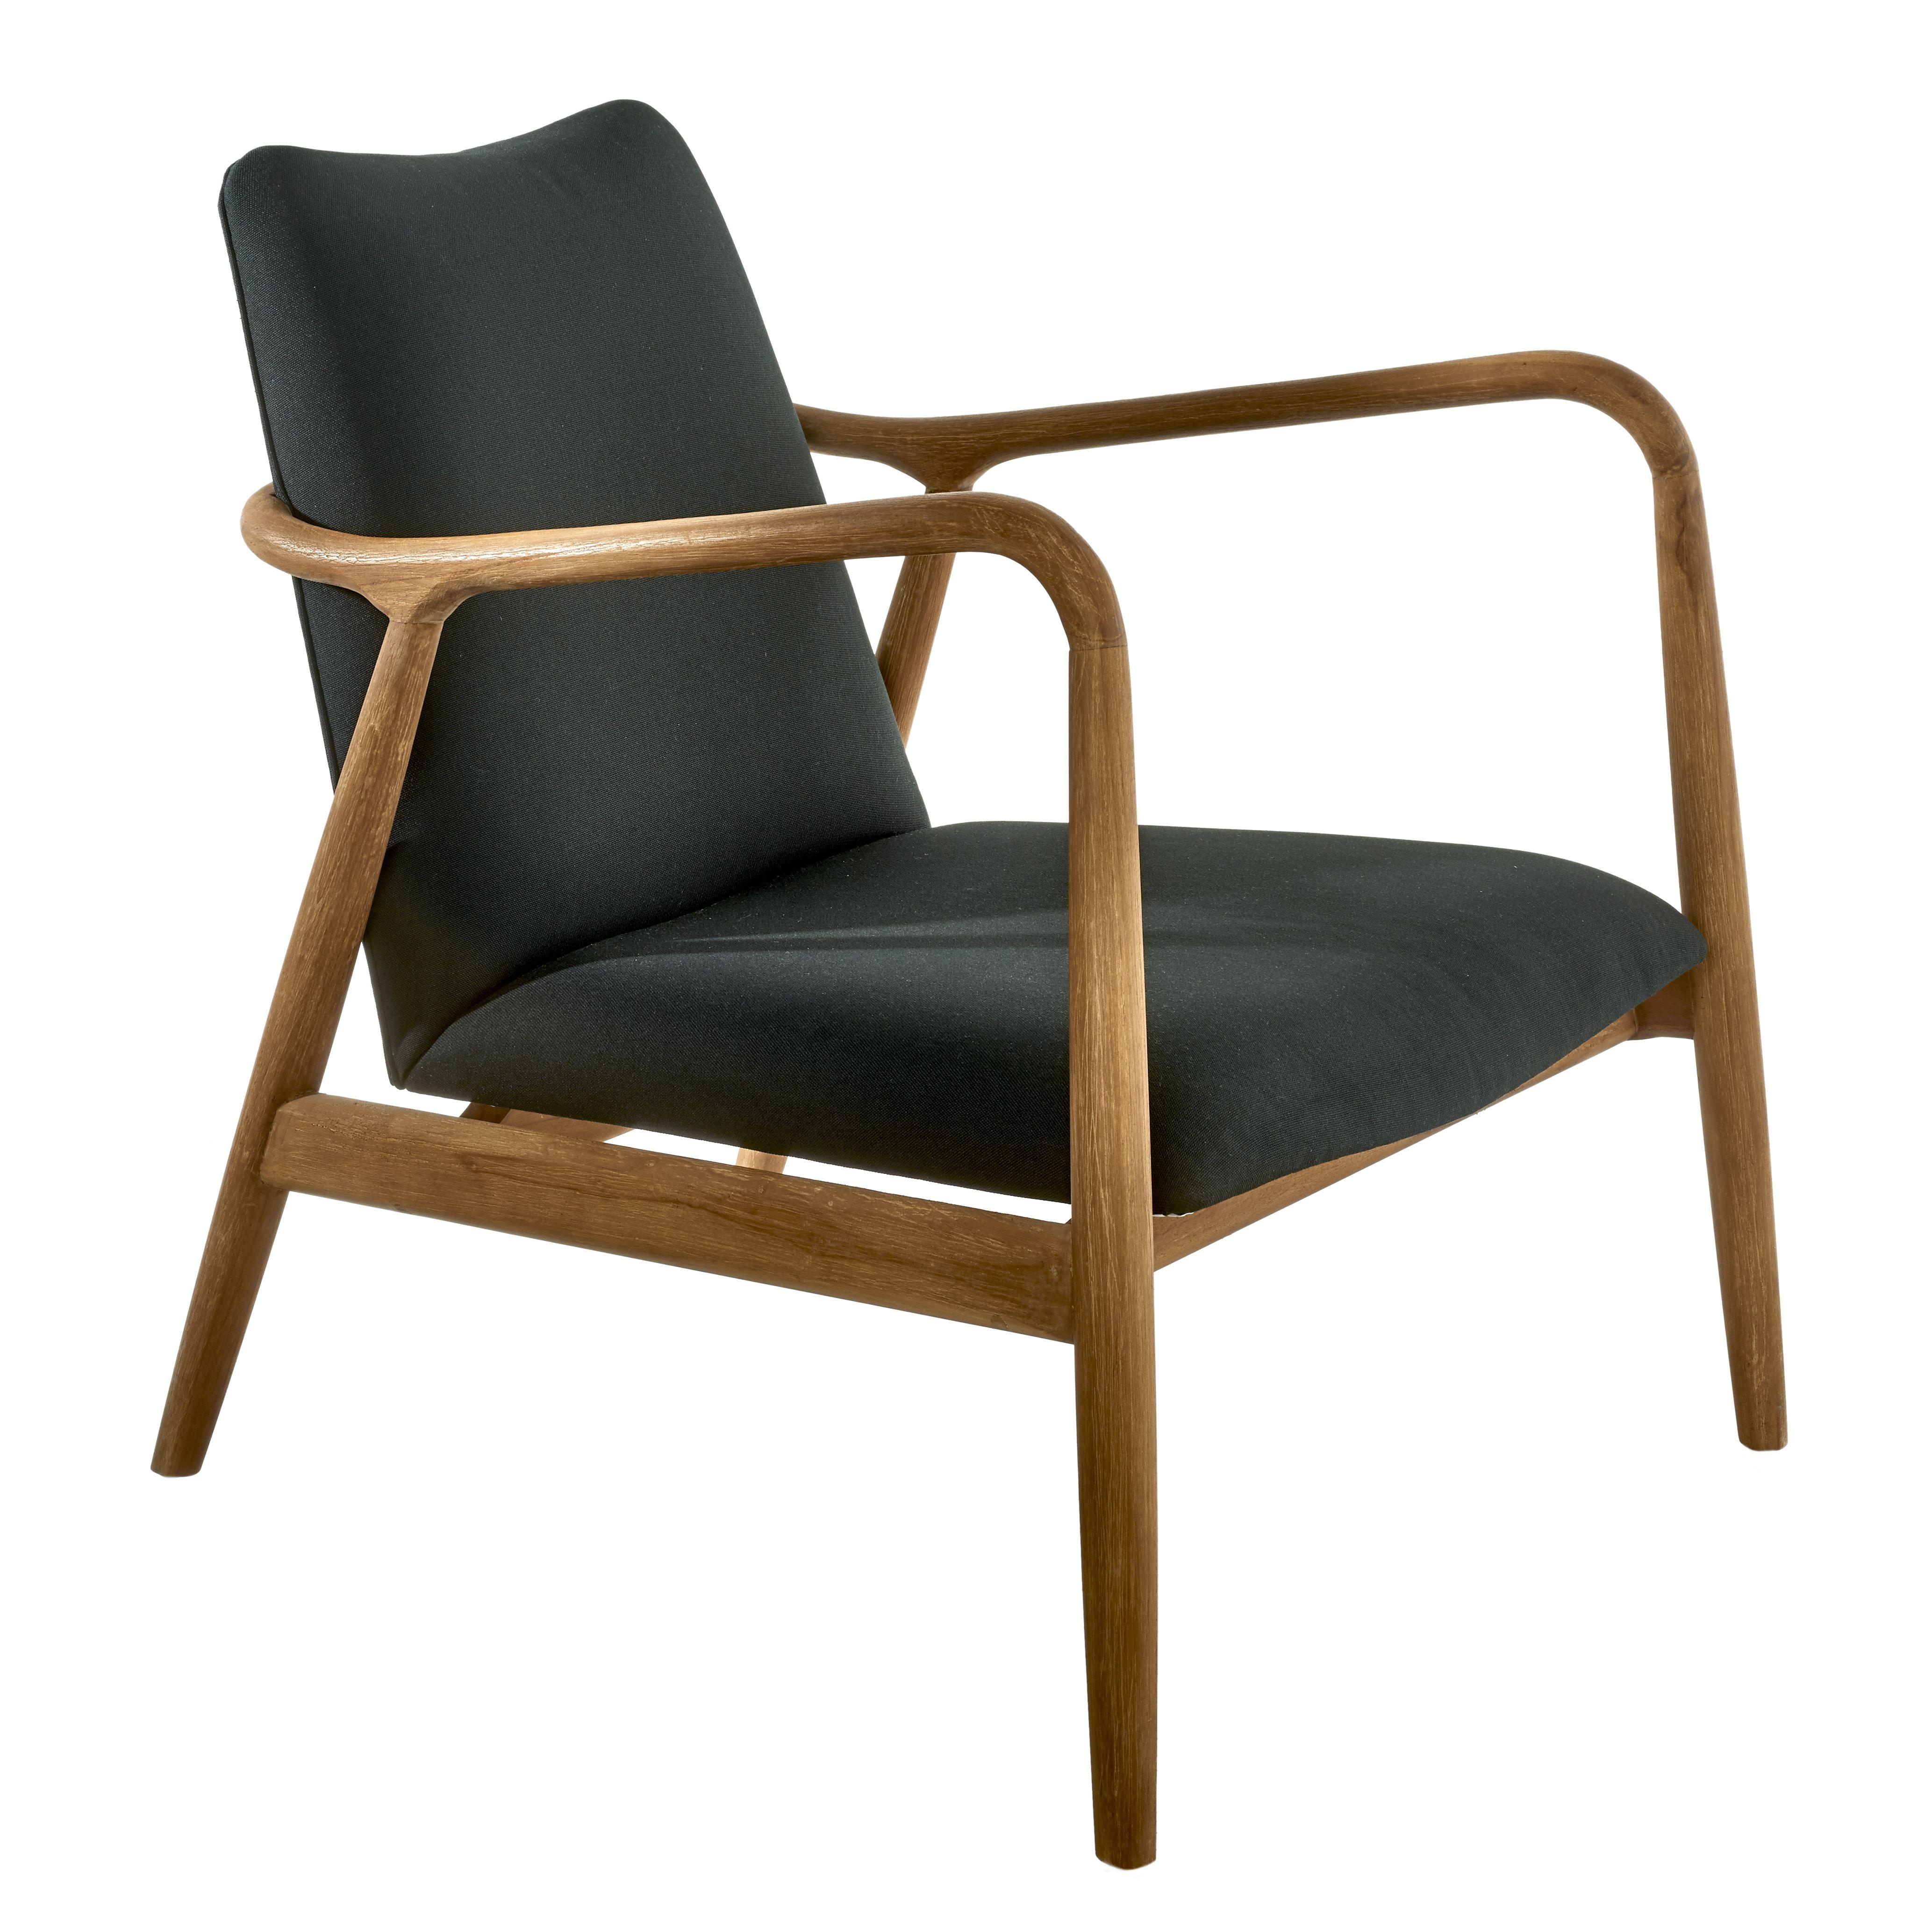 Pols Potten Chair Charles fauteuil zwart/hout kopen